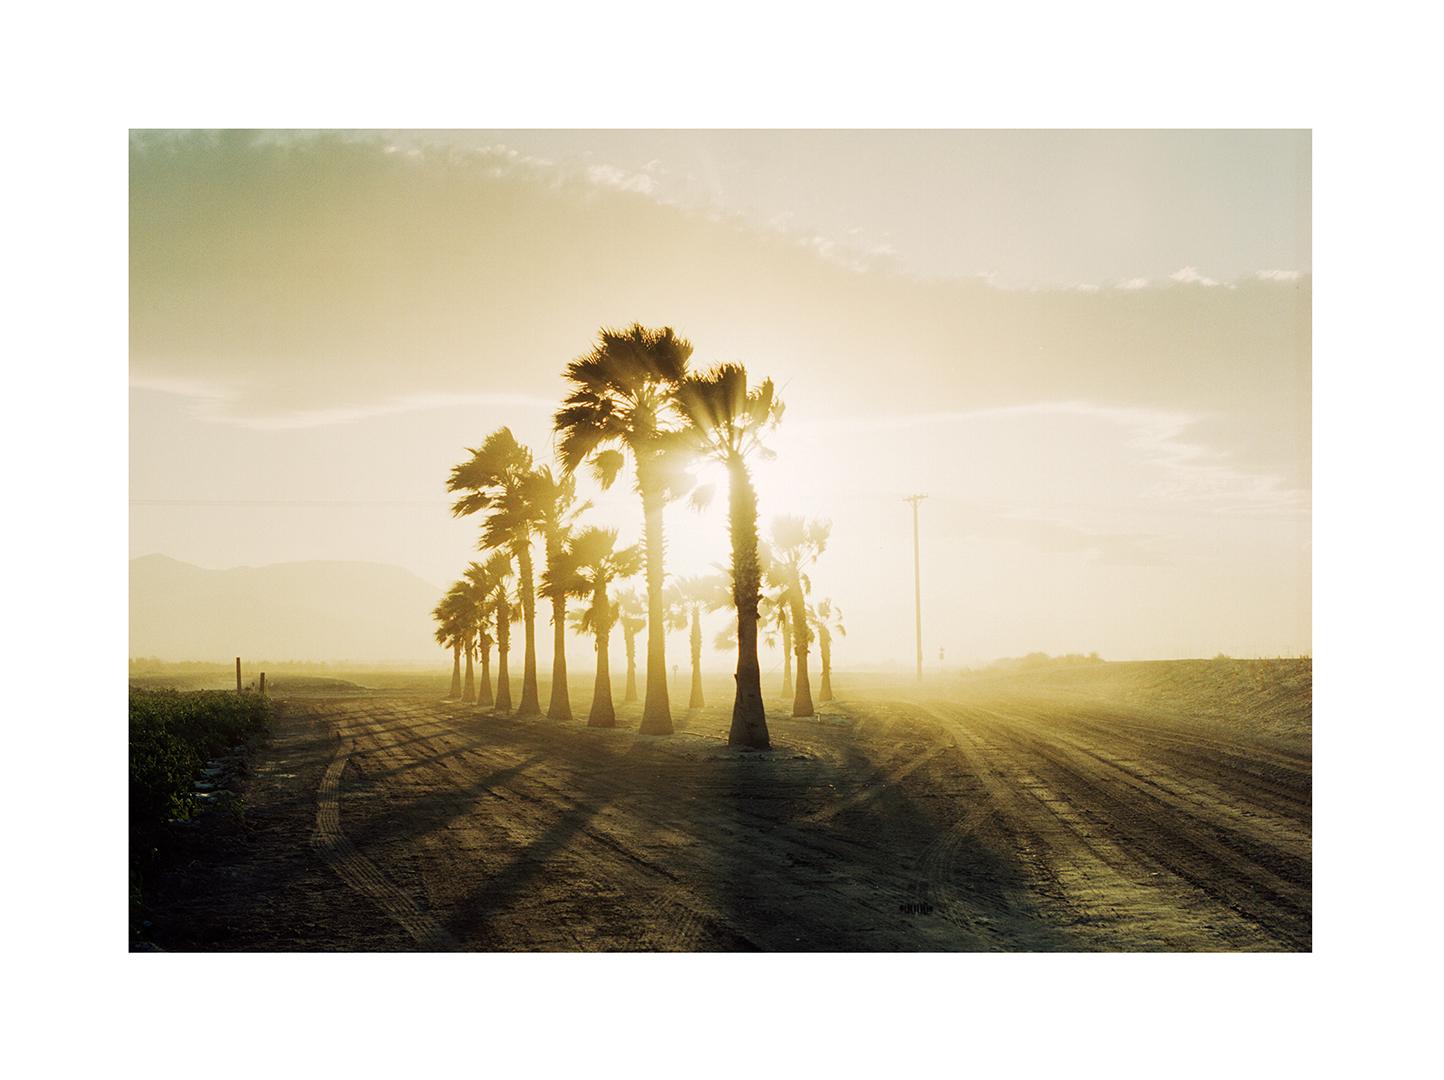 landscapes_356.jpg